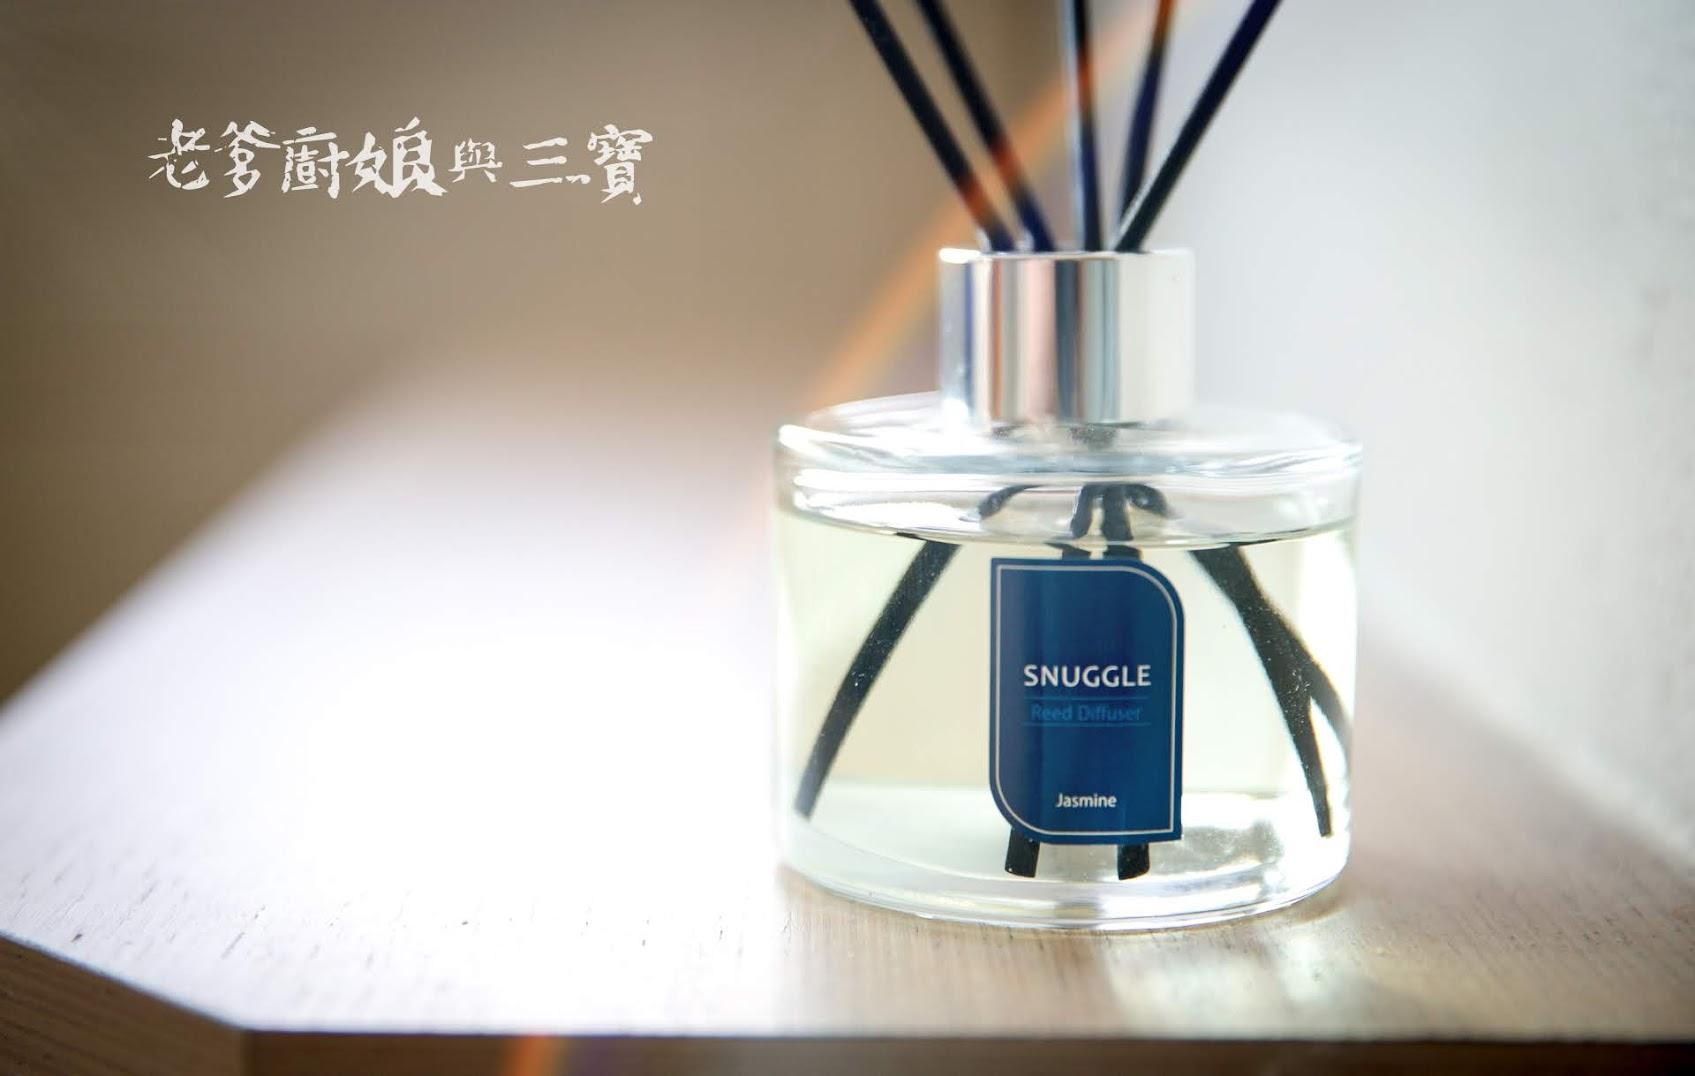 世界好亂,心如何慢?在家中放上一瓶SNUGGLE室內擴香瓶,藉著舒緩香氣來釋放累積心中的鬱悶和壓力吧!